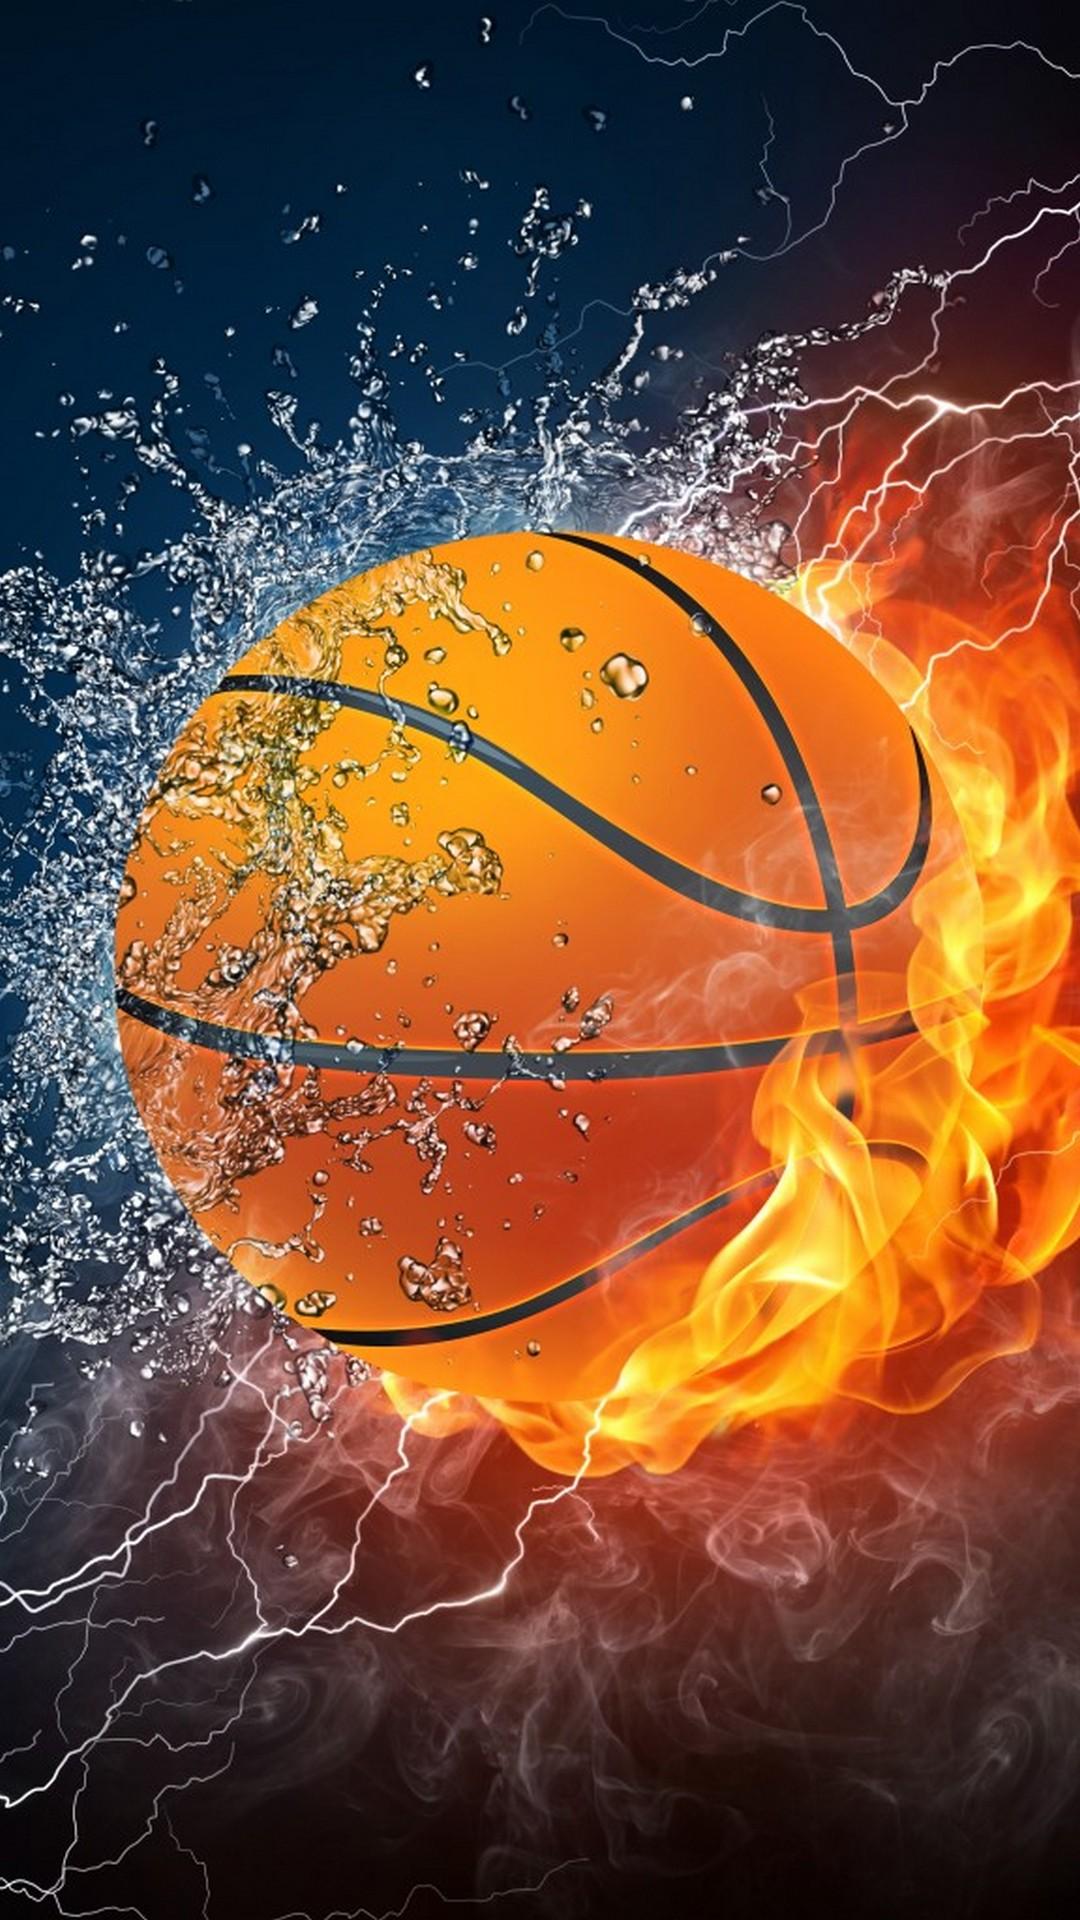 Hình nền điện thoại bóng rổ vung nước